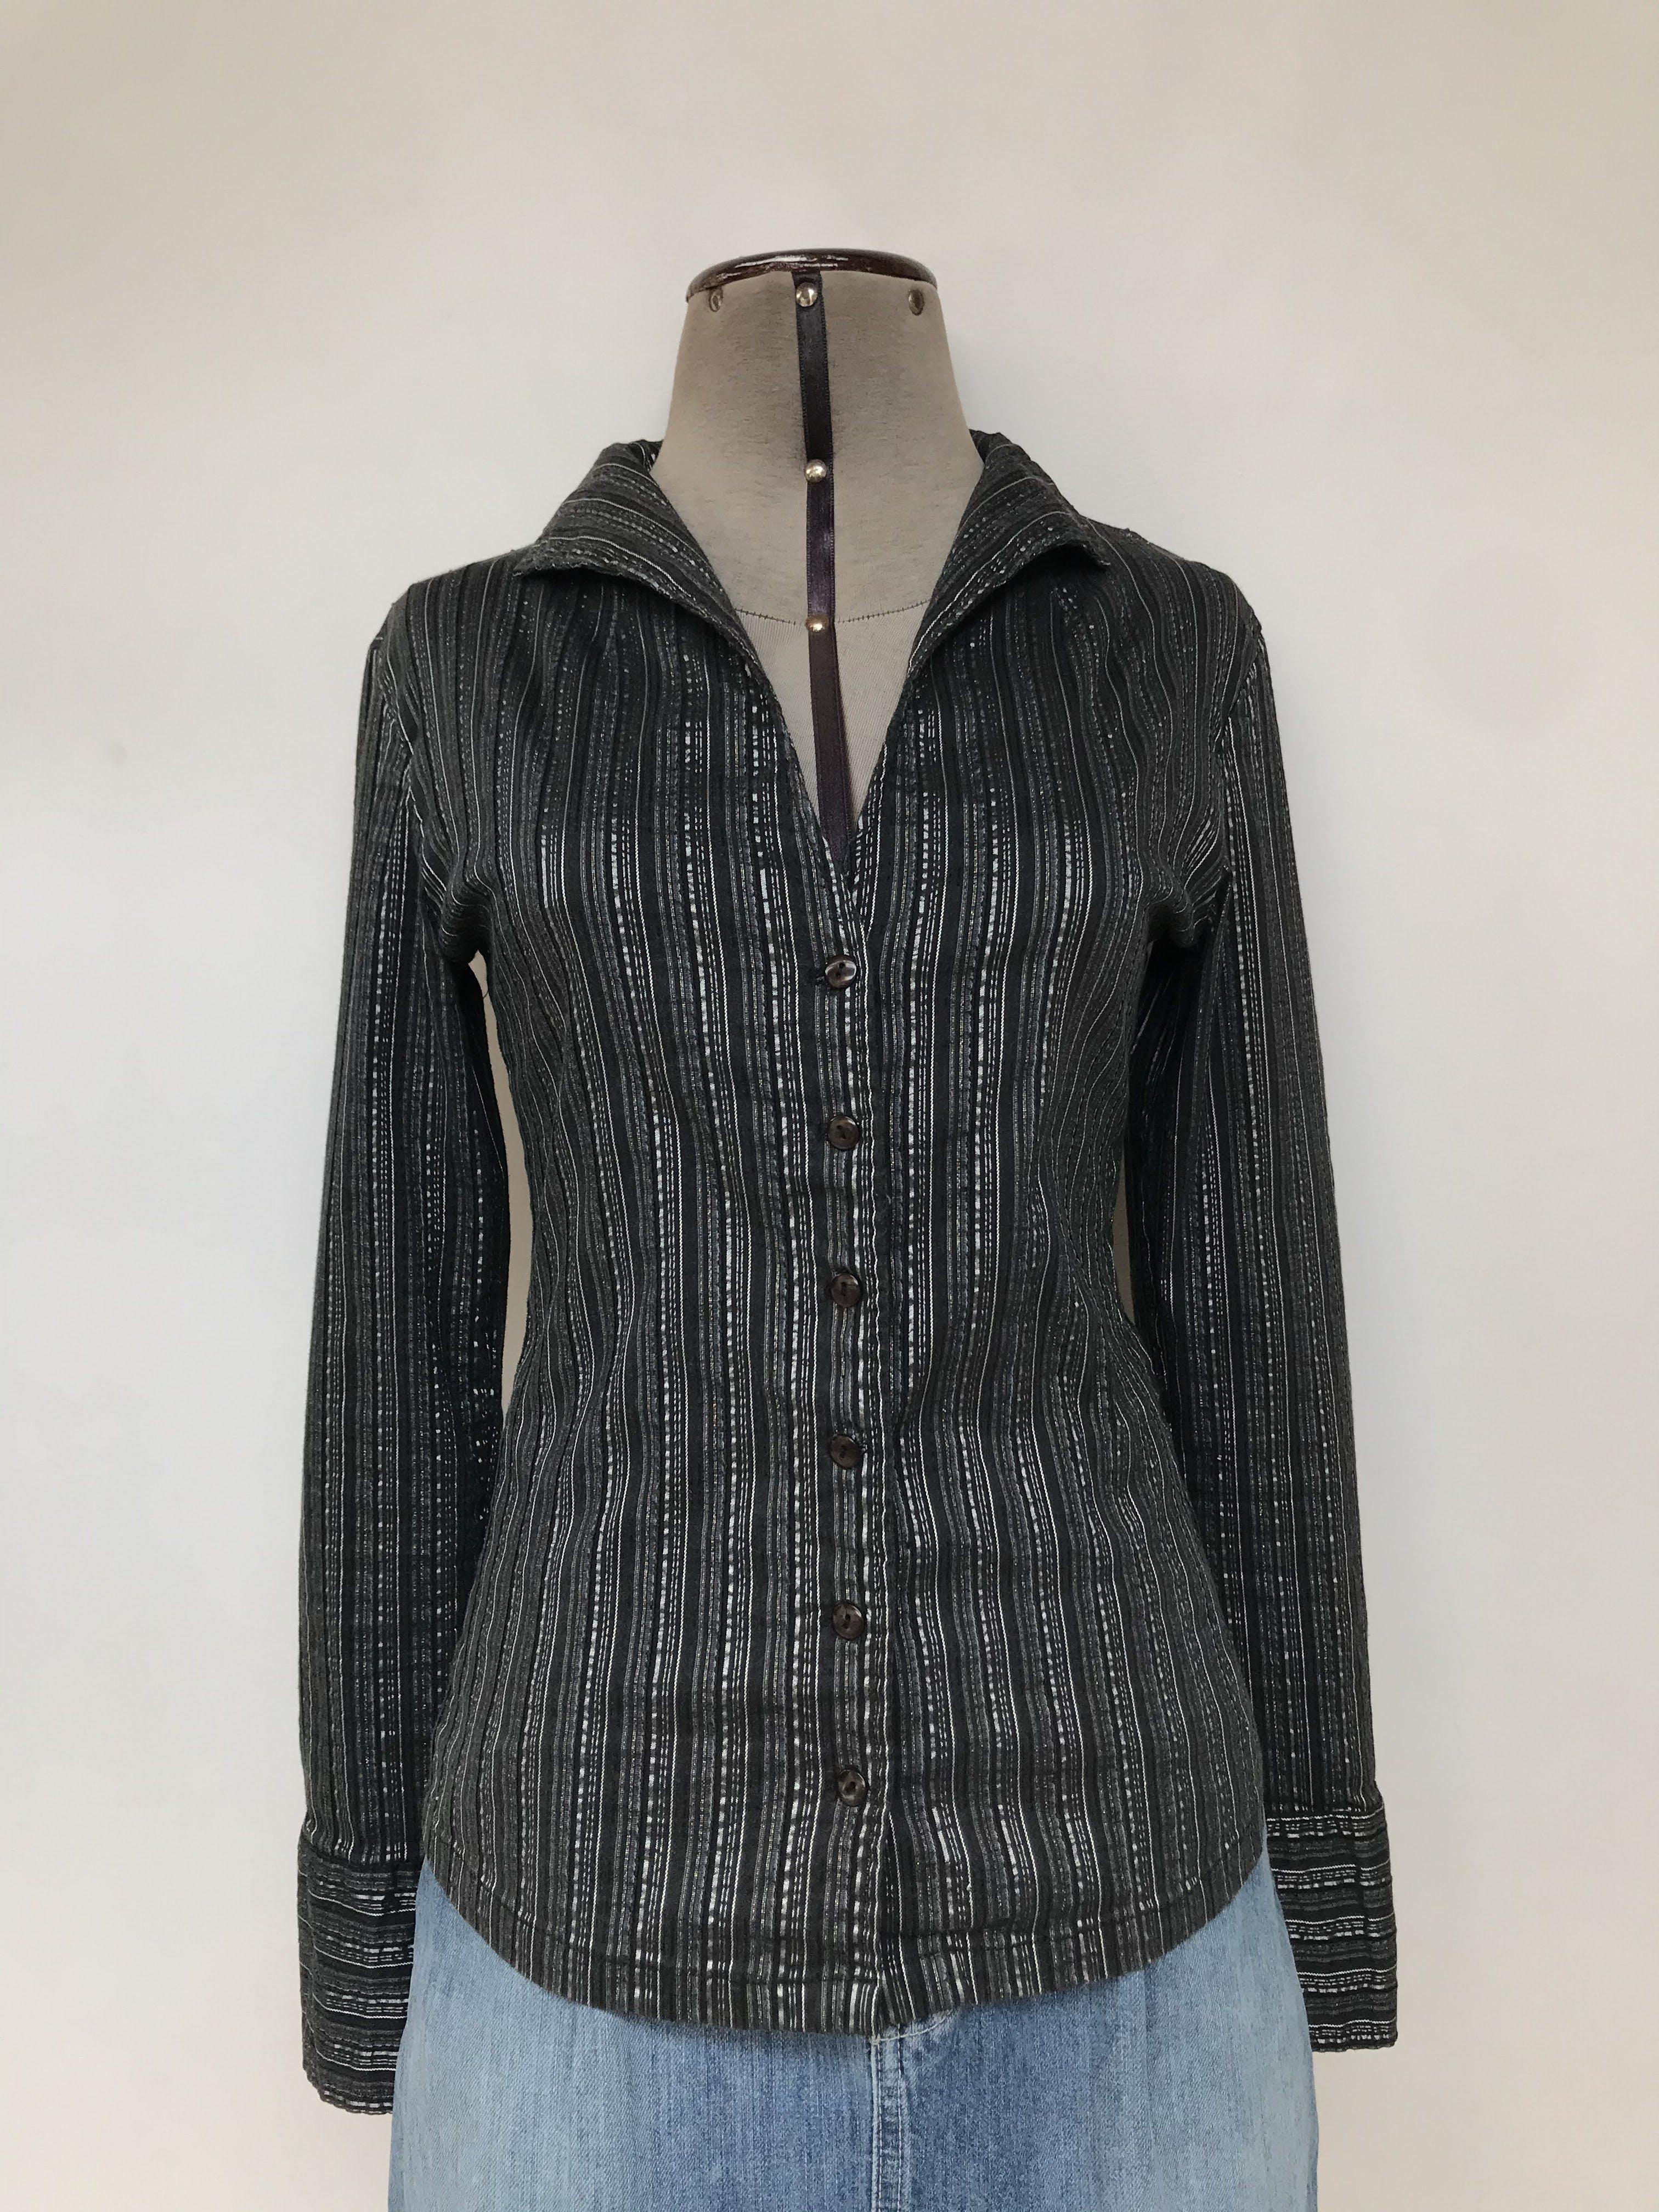 Blusa negra con rayas grises y plateadas, 95% algodón, escote en V y botones delanteros, manga larga con puños anchos  Talla S